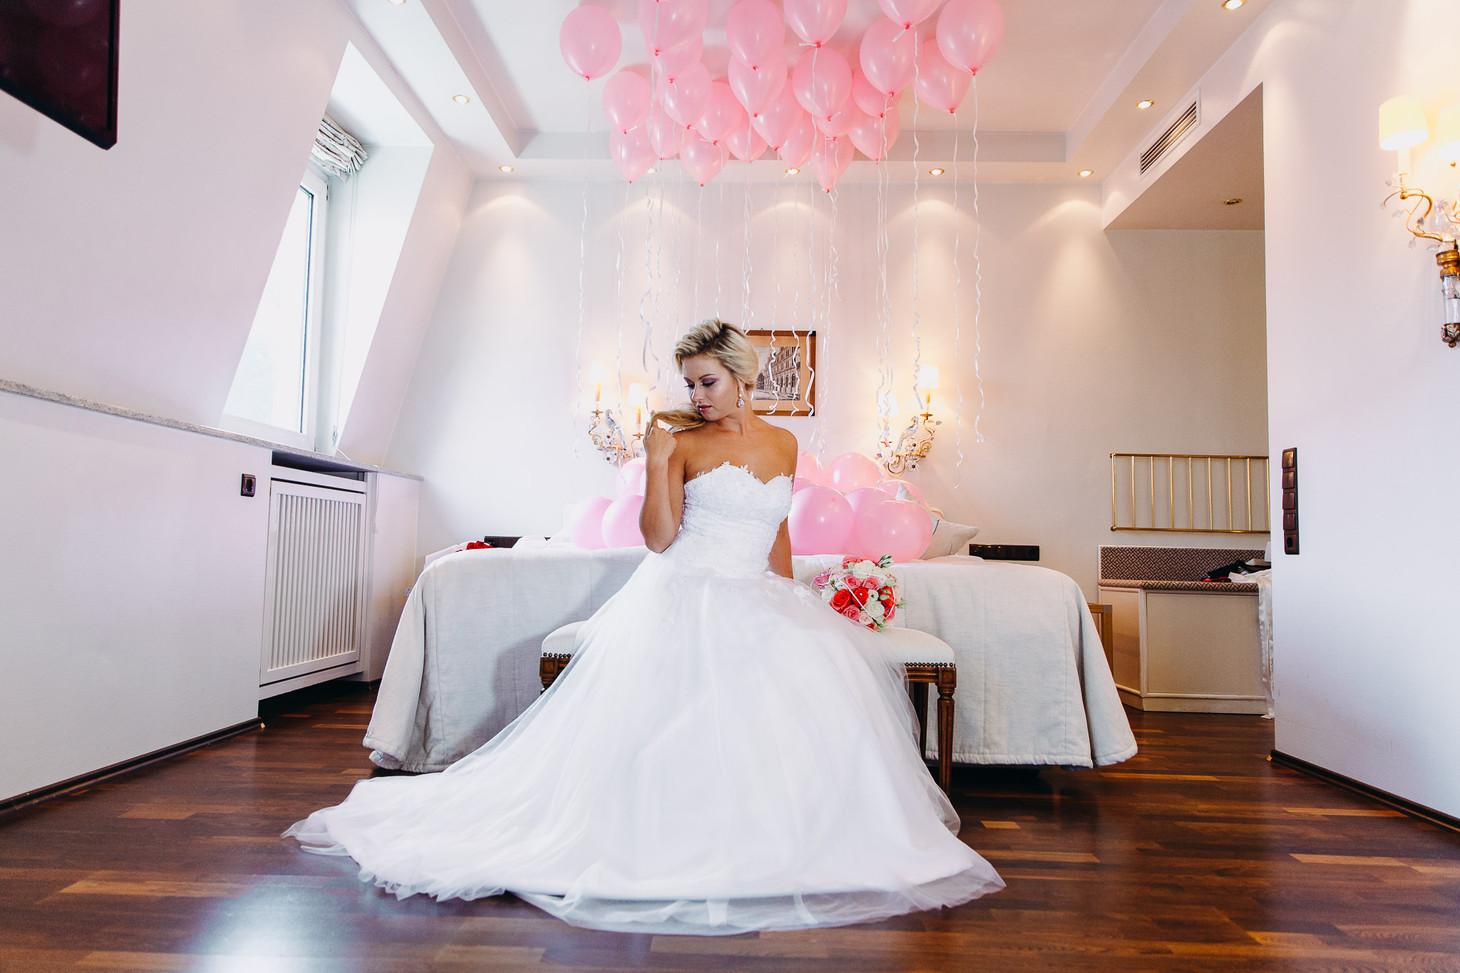 Hübsche Braut Julia im wunderschönem Hochzeitskleid Foto